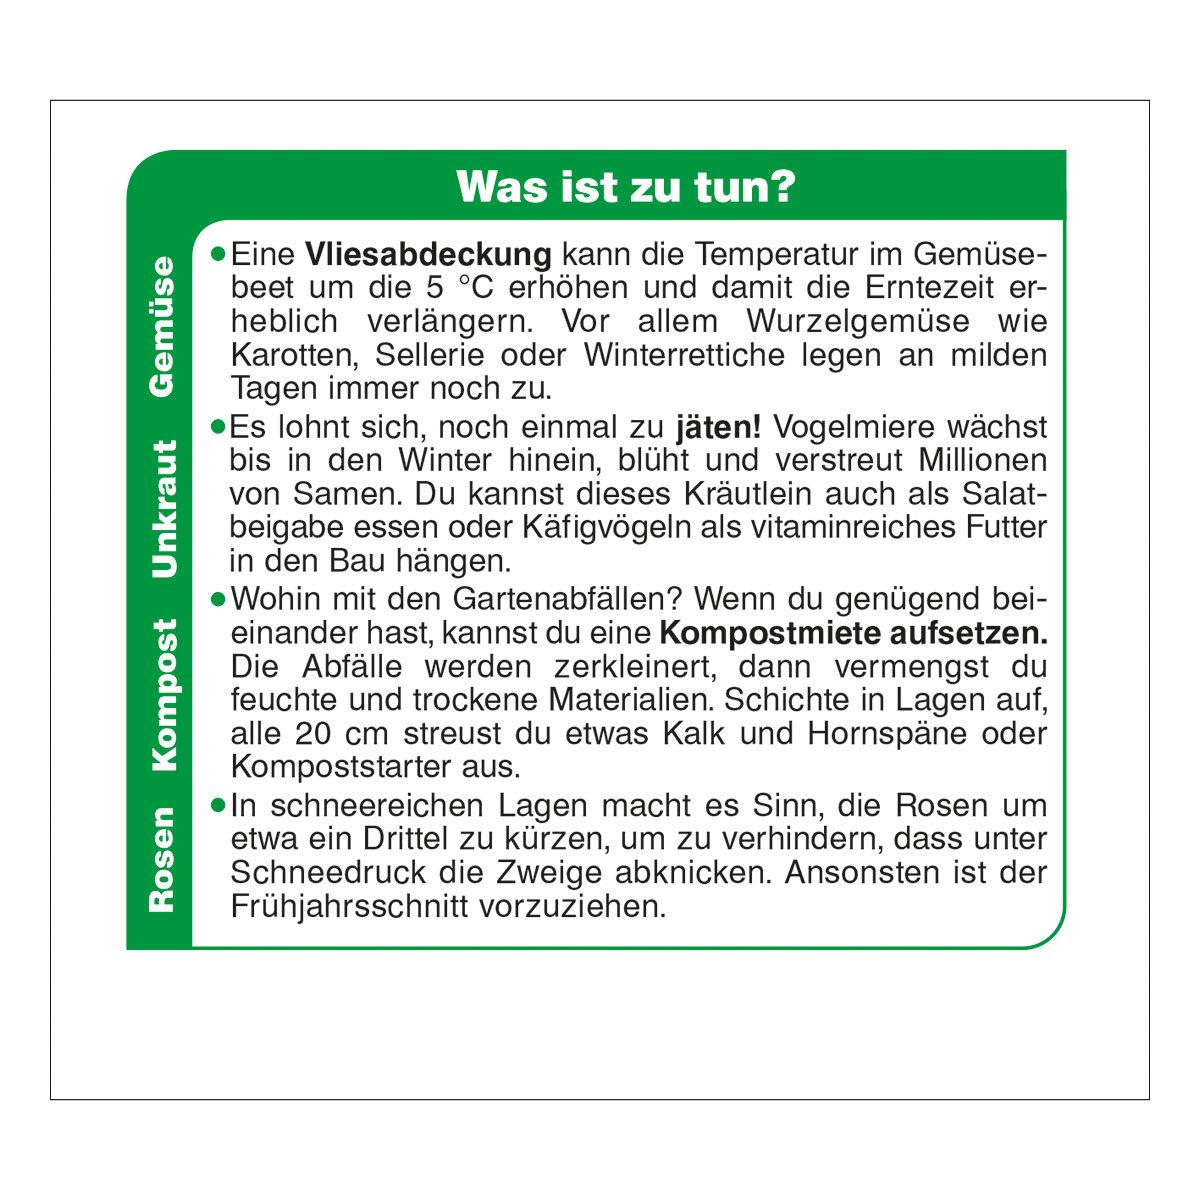 Abreißkalender Der große Grüne Wink®   #5